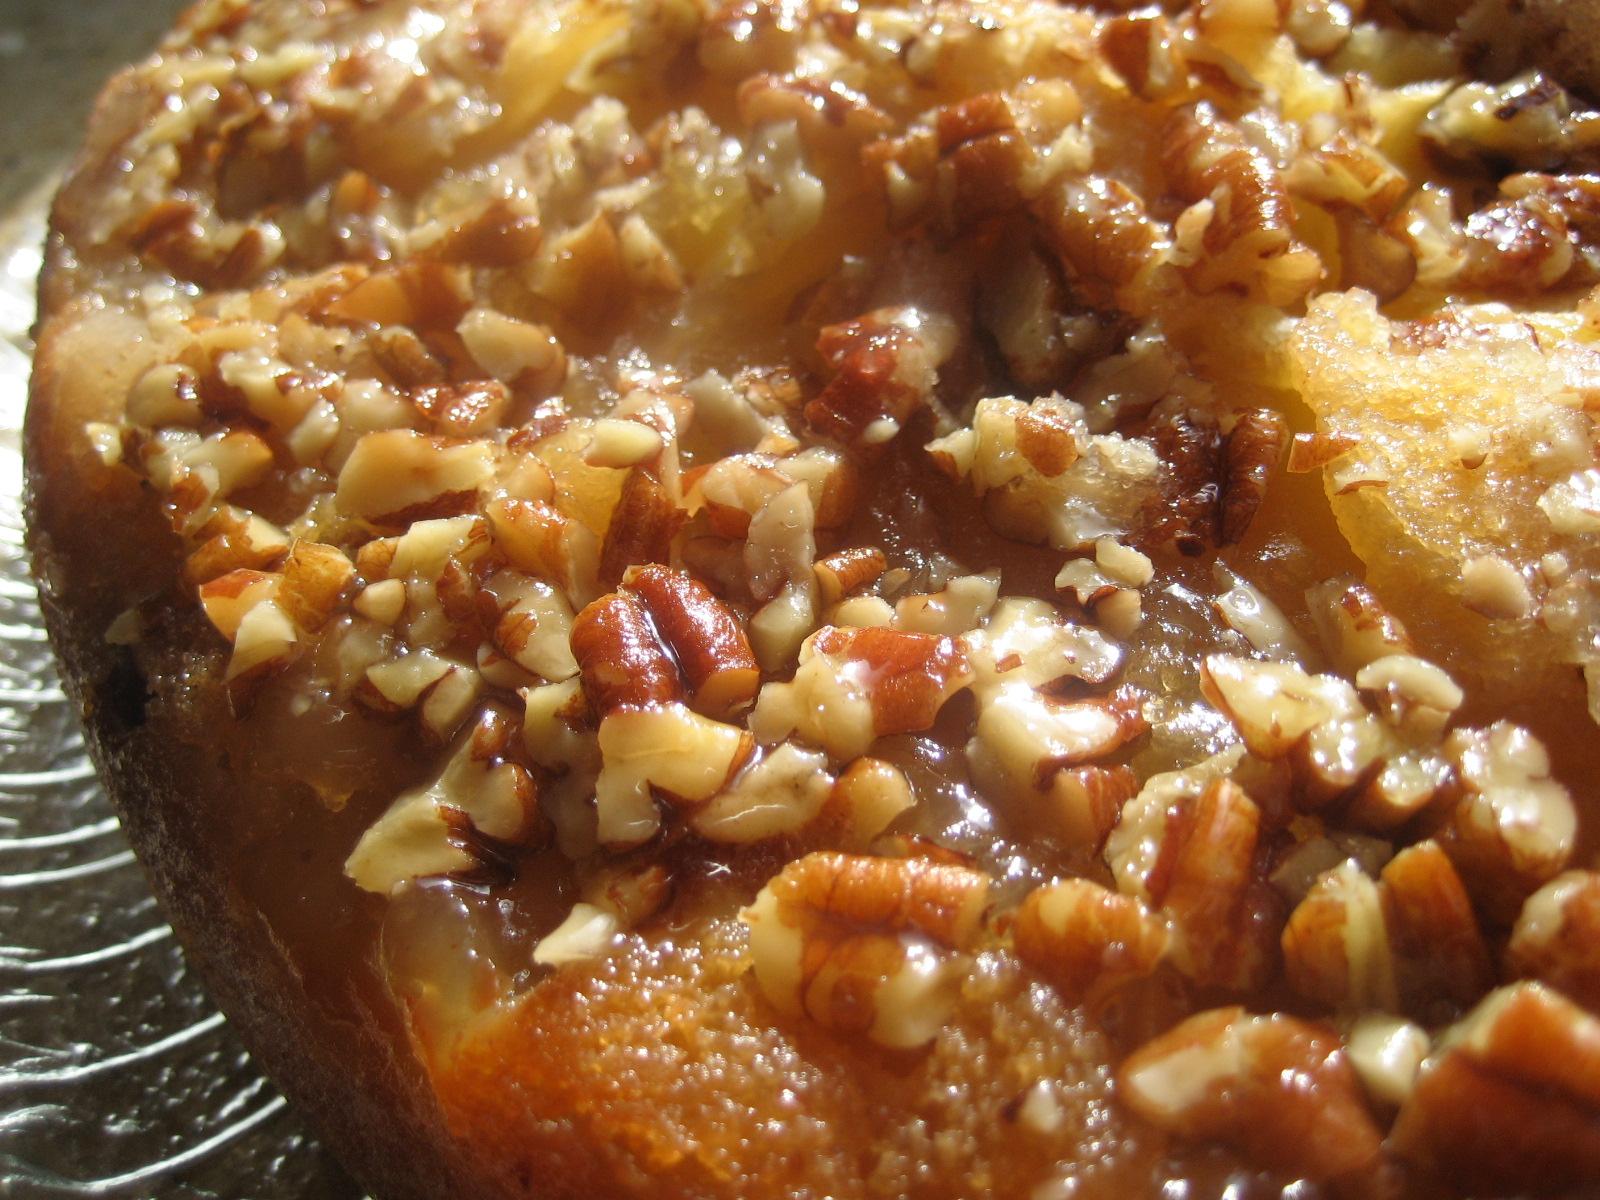 Rezept schneller apfelkuchen gesturzt